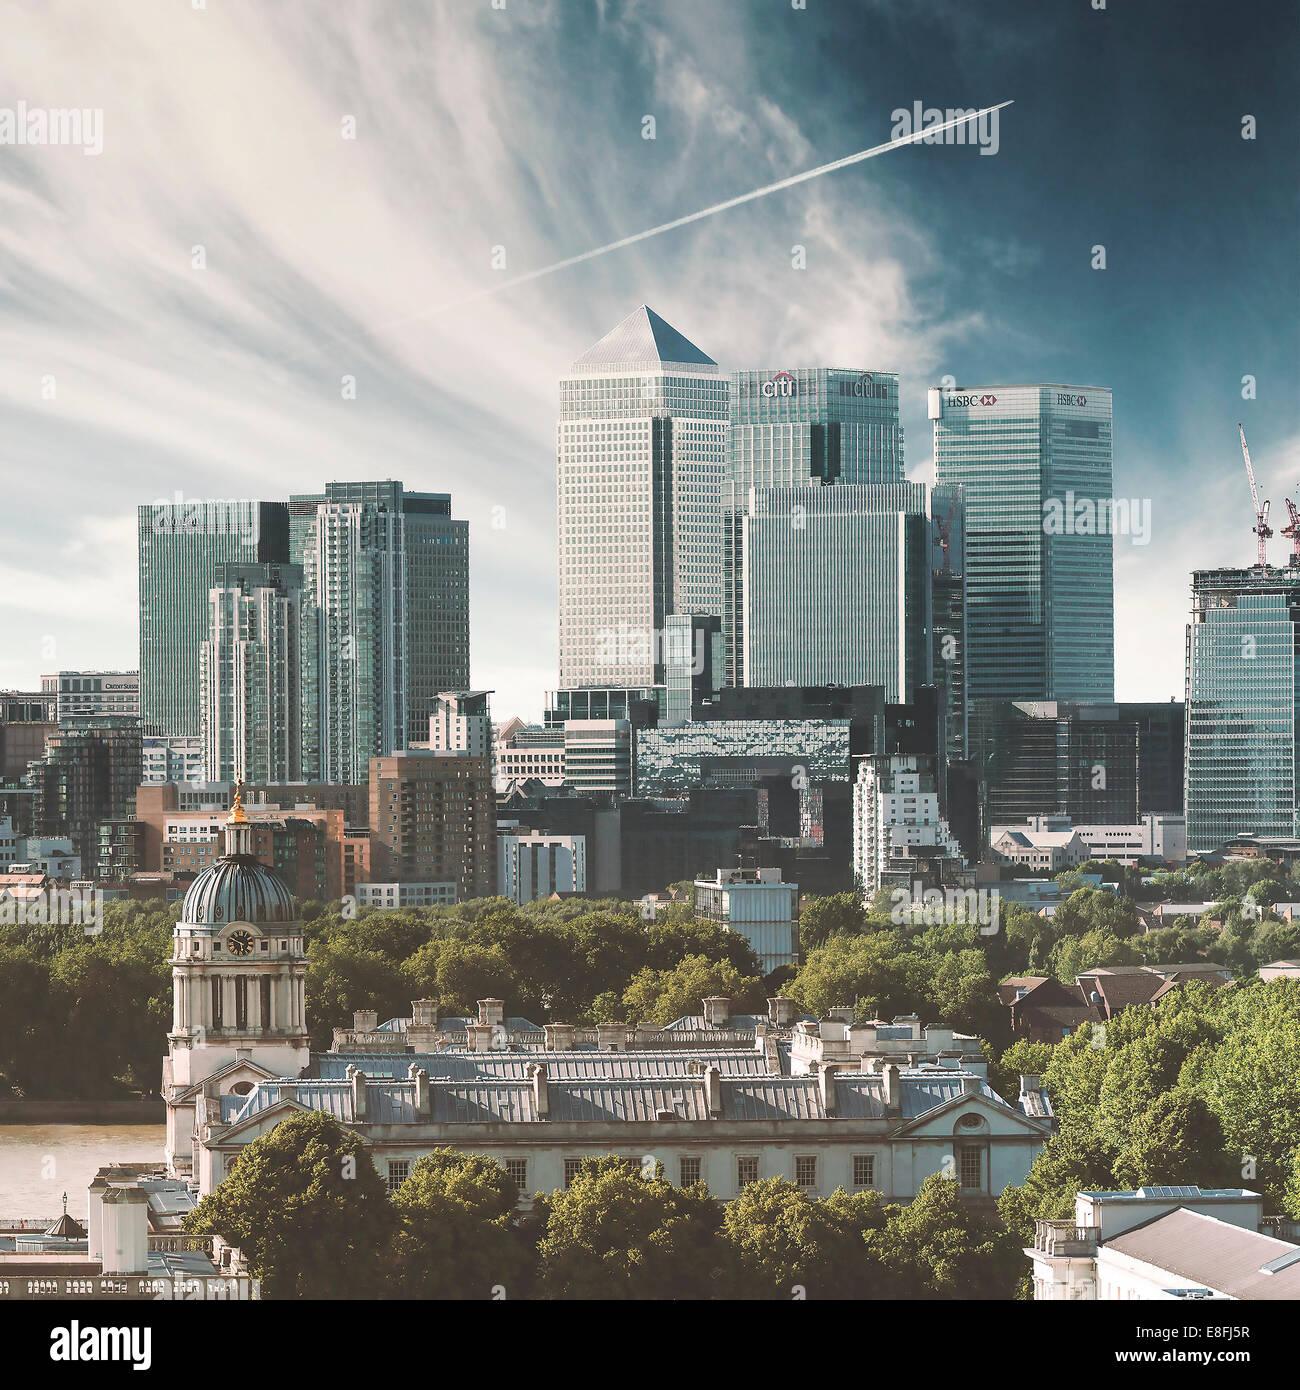 Großbritannien, England, London, Canary Wharf, Stadtbild Stockbild